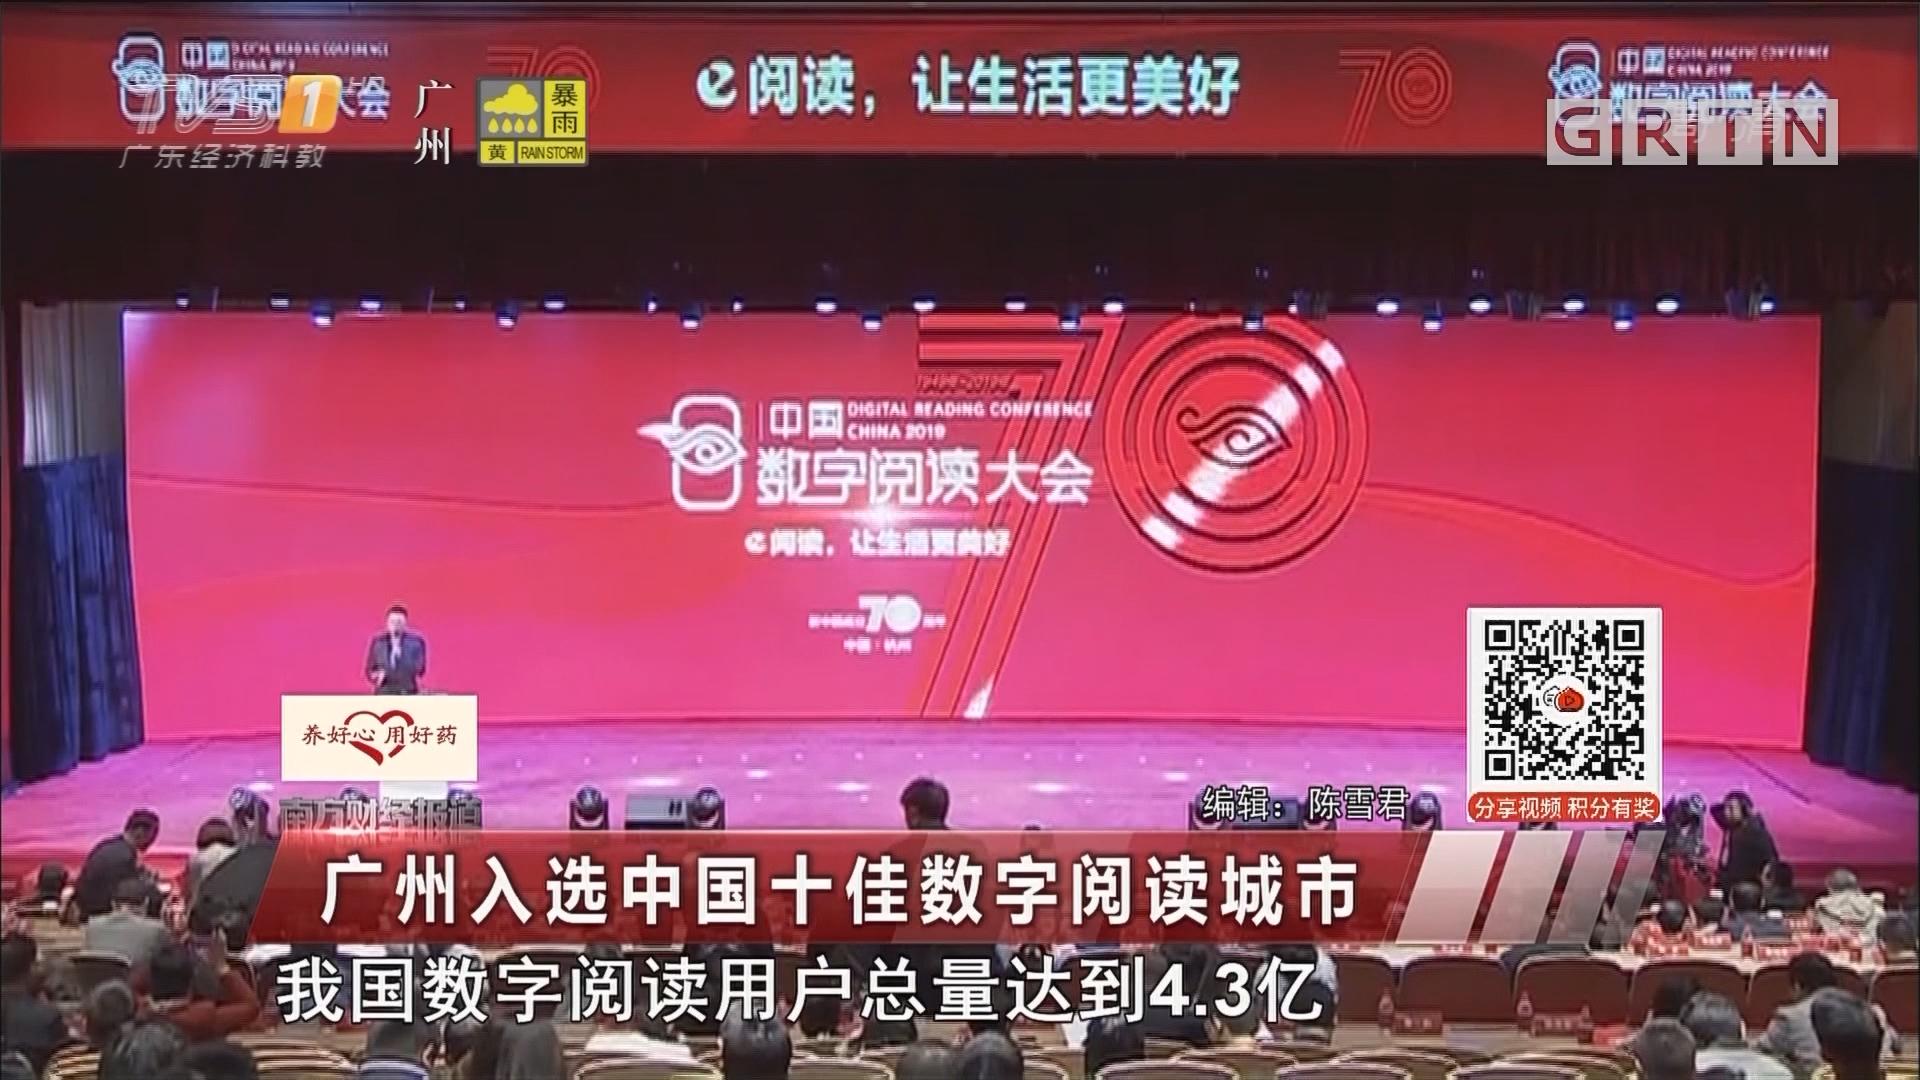 广州入选中国十佳数字阅读城市